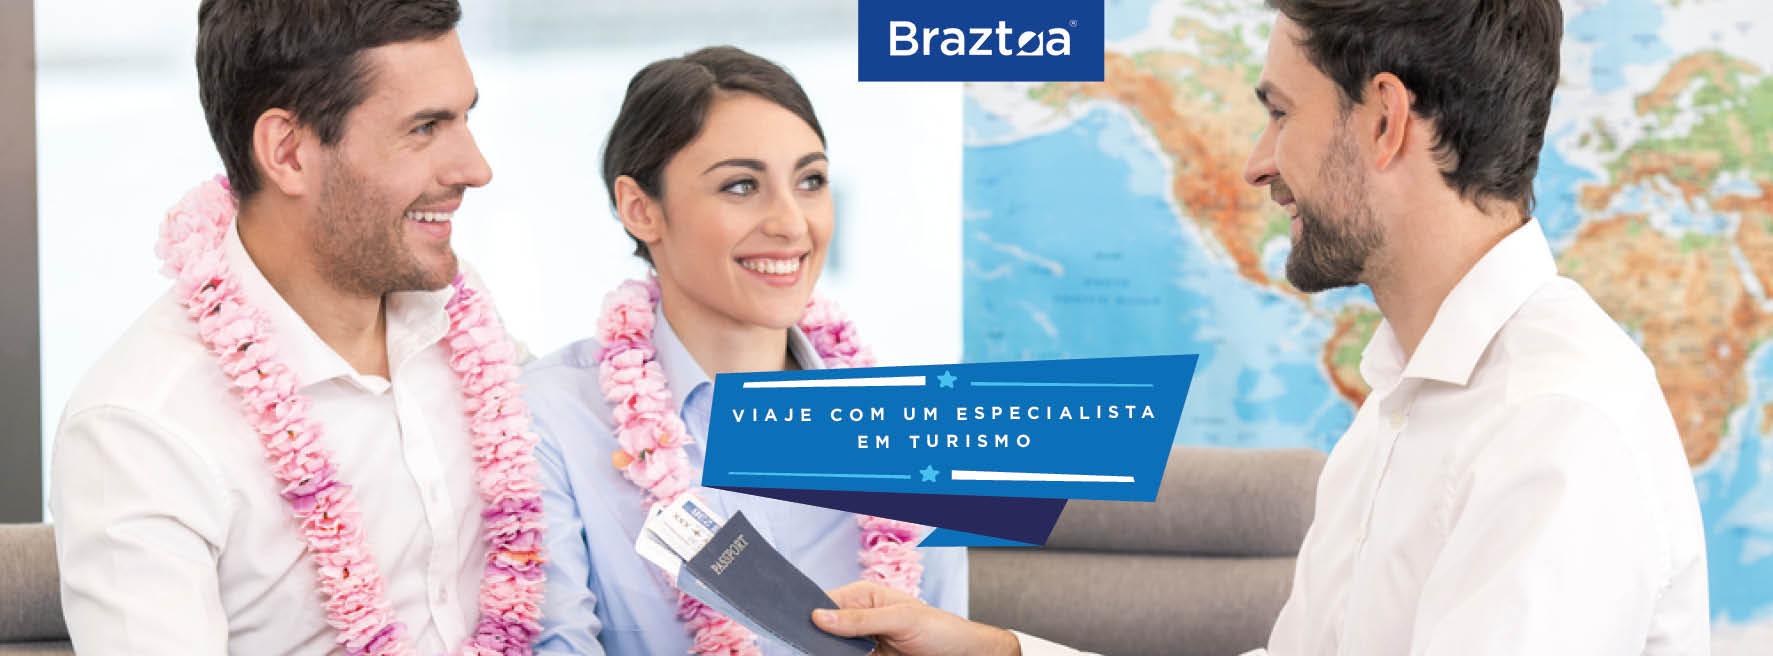 A Avav expo 2019 une o Brasil e o mundo nos mais diferentes segmentos do turismo